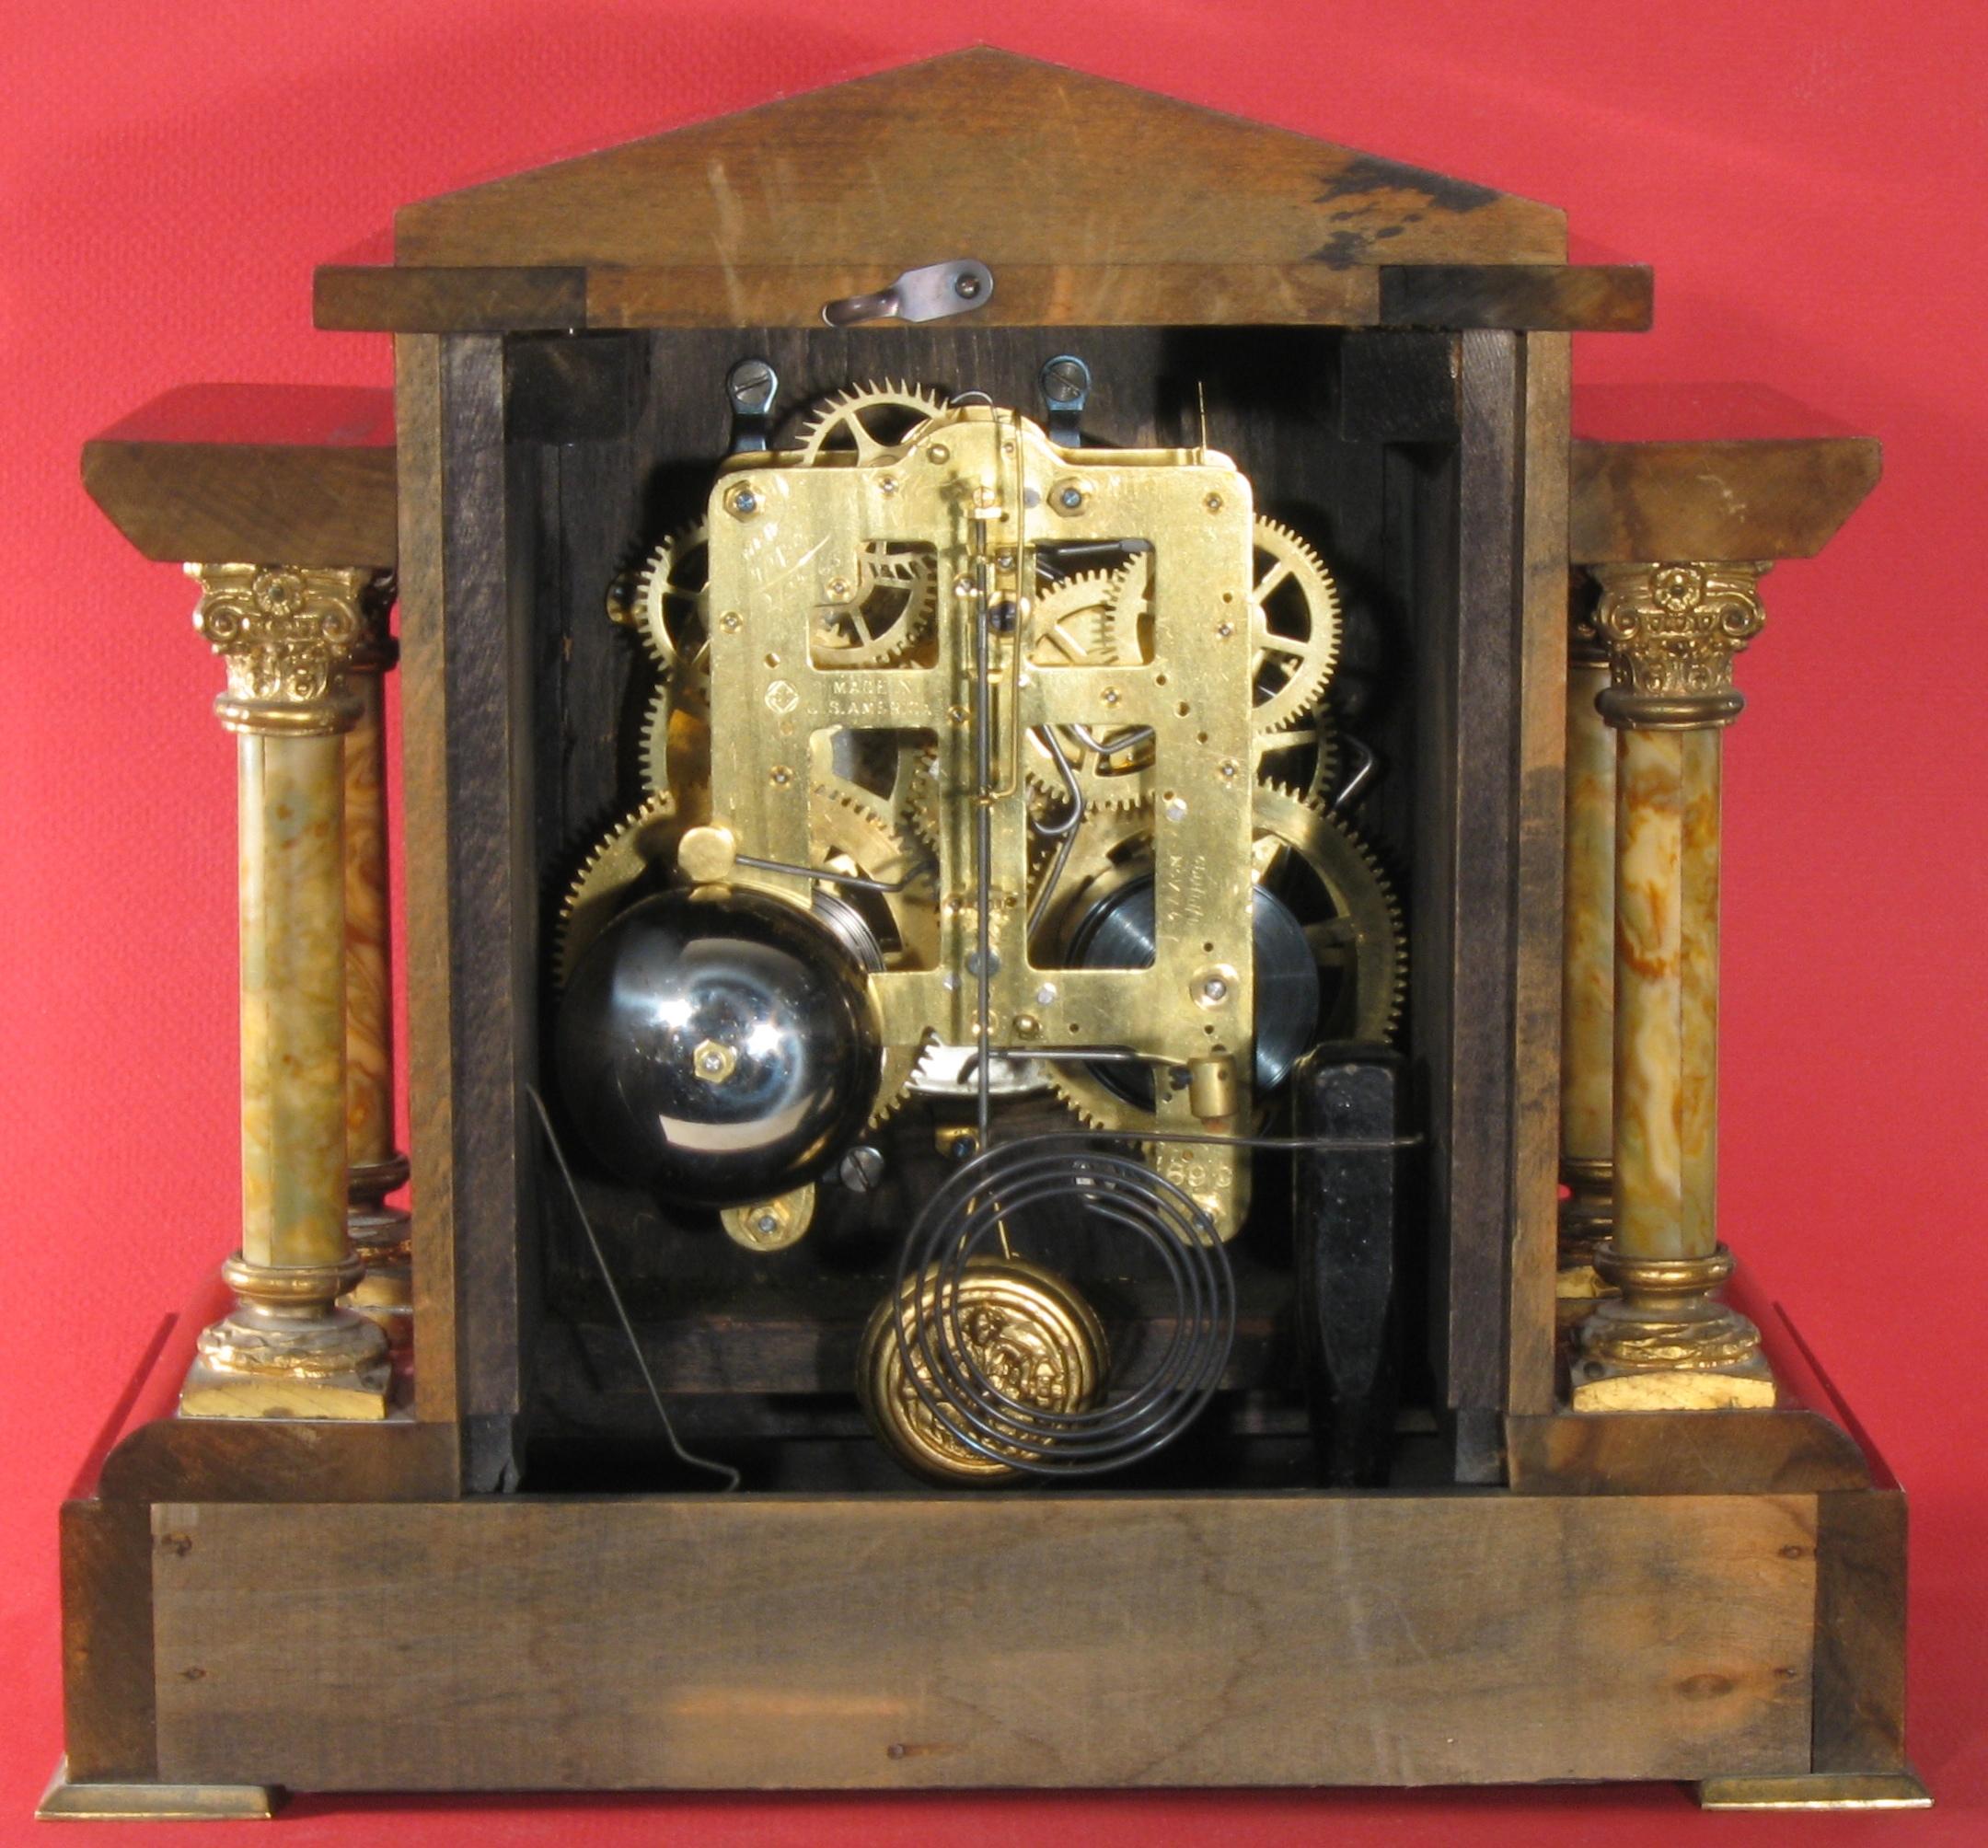 Datování seth thomas adamantine mantel clock